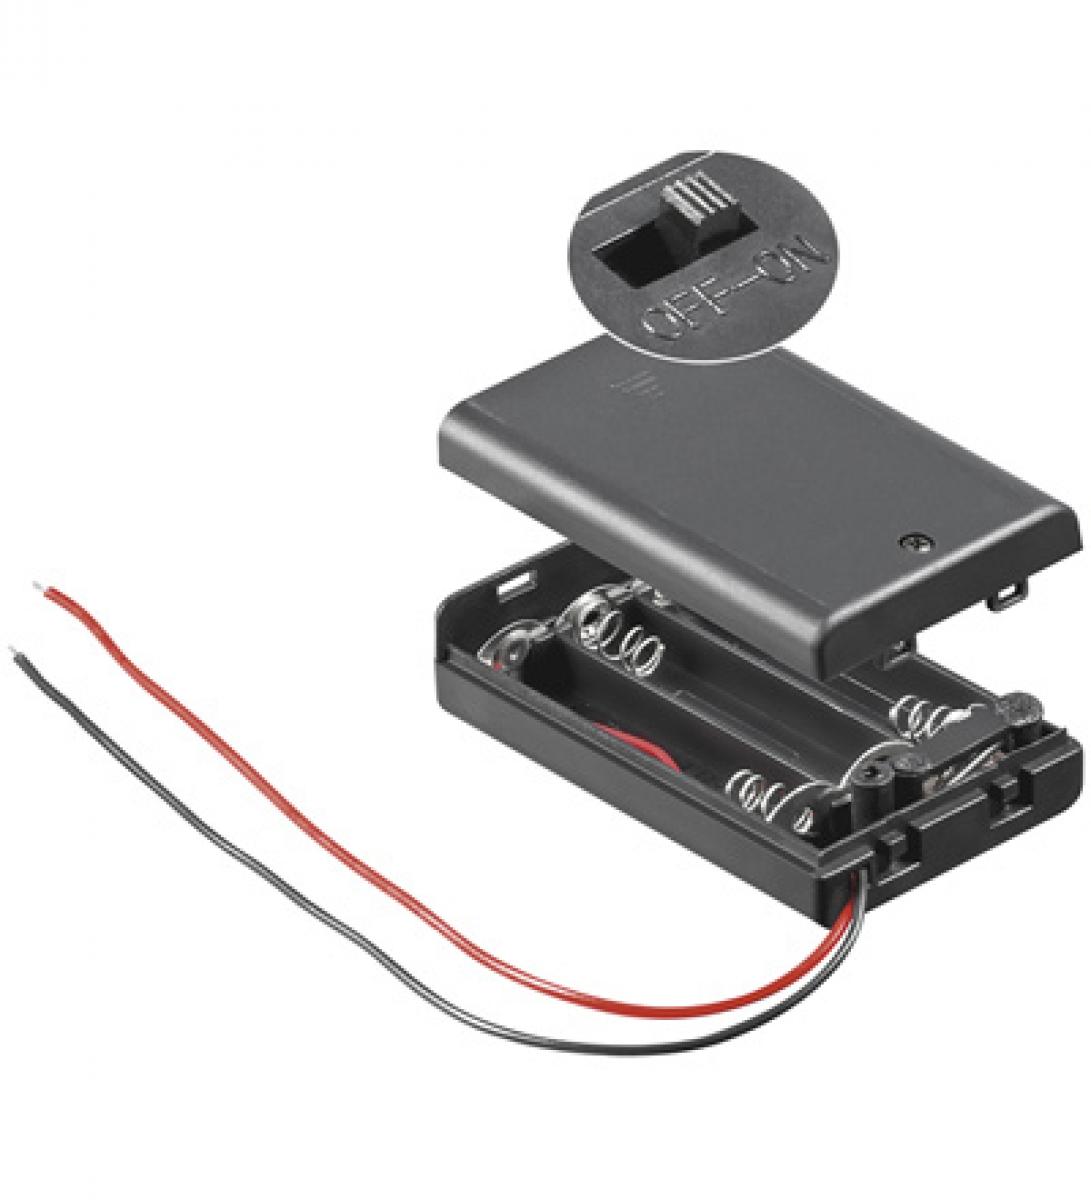 Batterie Halter für 3 x Micro AAA mit Deckel und Schalter | Lüdeke ...